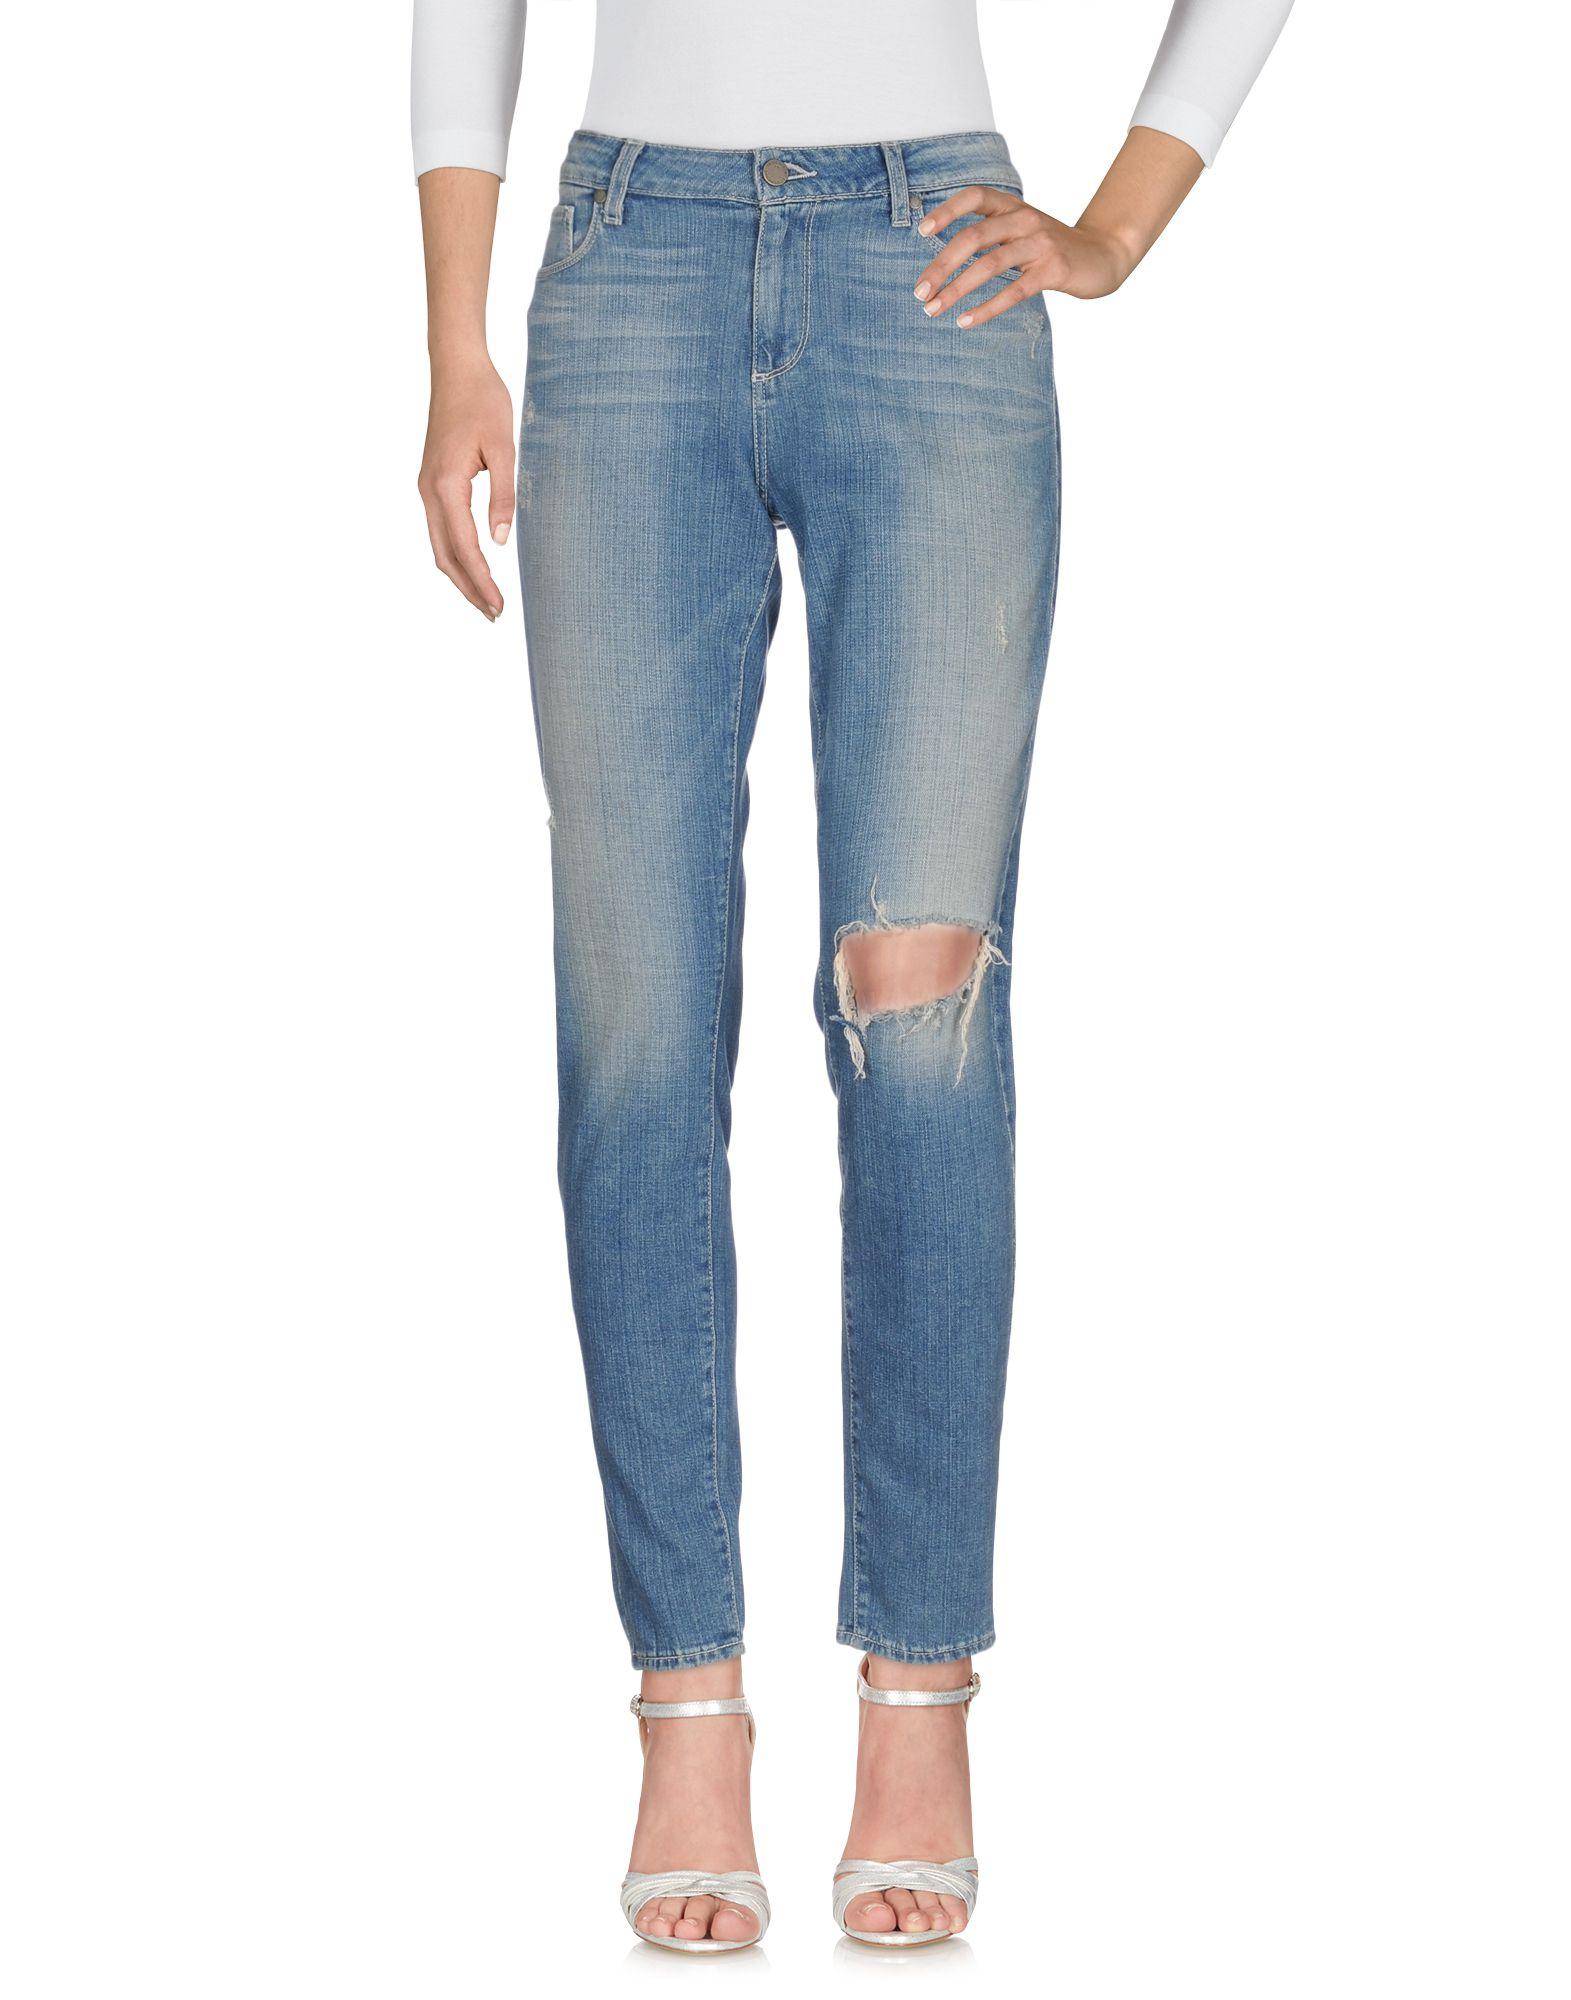 Pantaloni Jeans Paige Donna - Acquista online su kXQvM3k